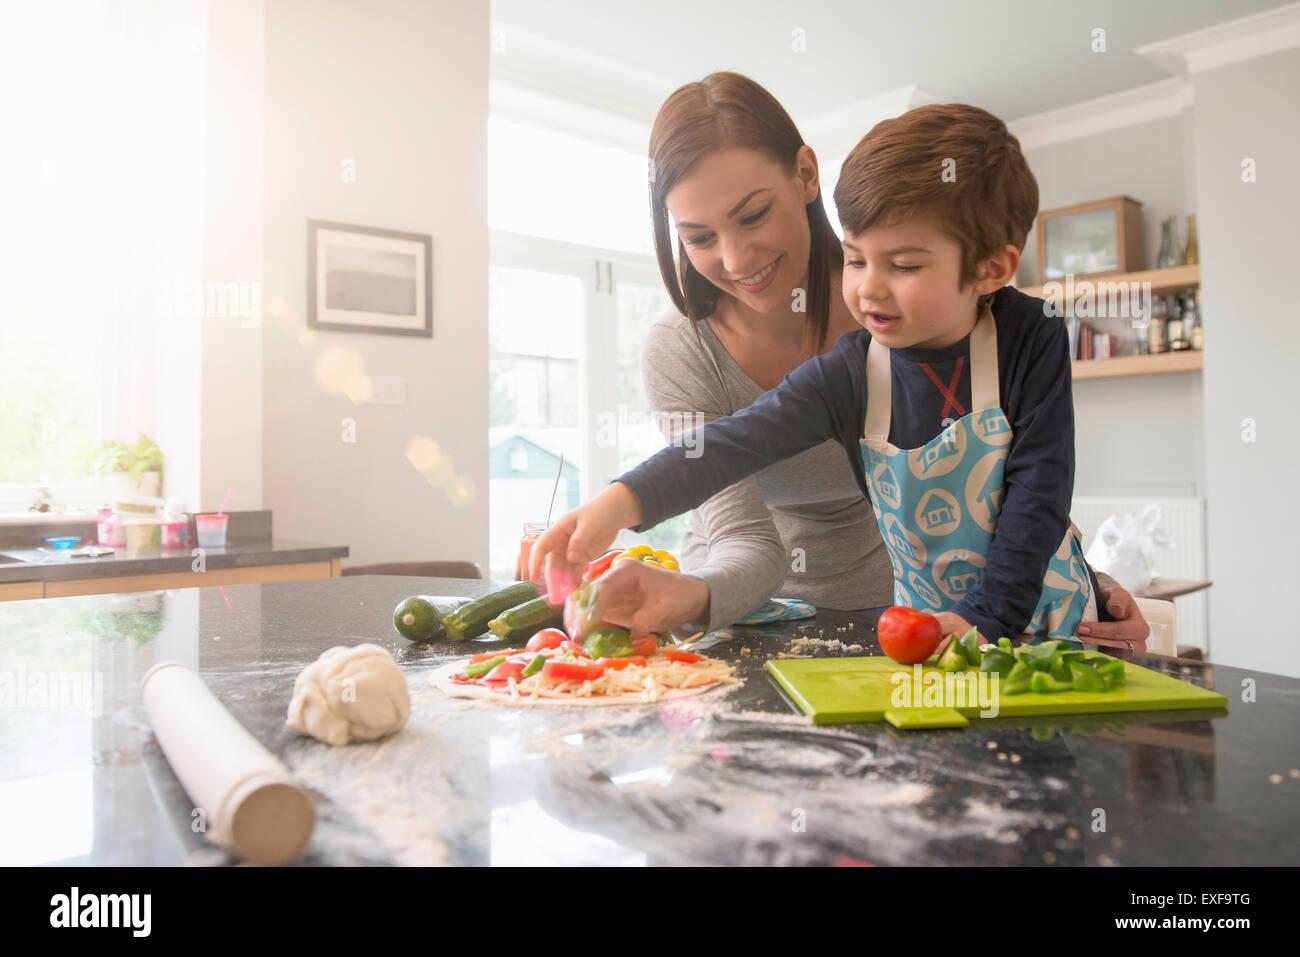 Mère et fils la préparation de pizza together in kitchen Photo Stock